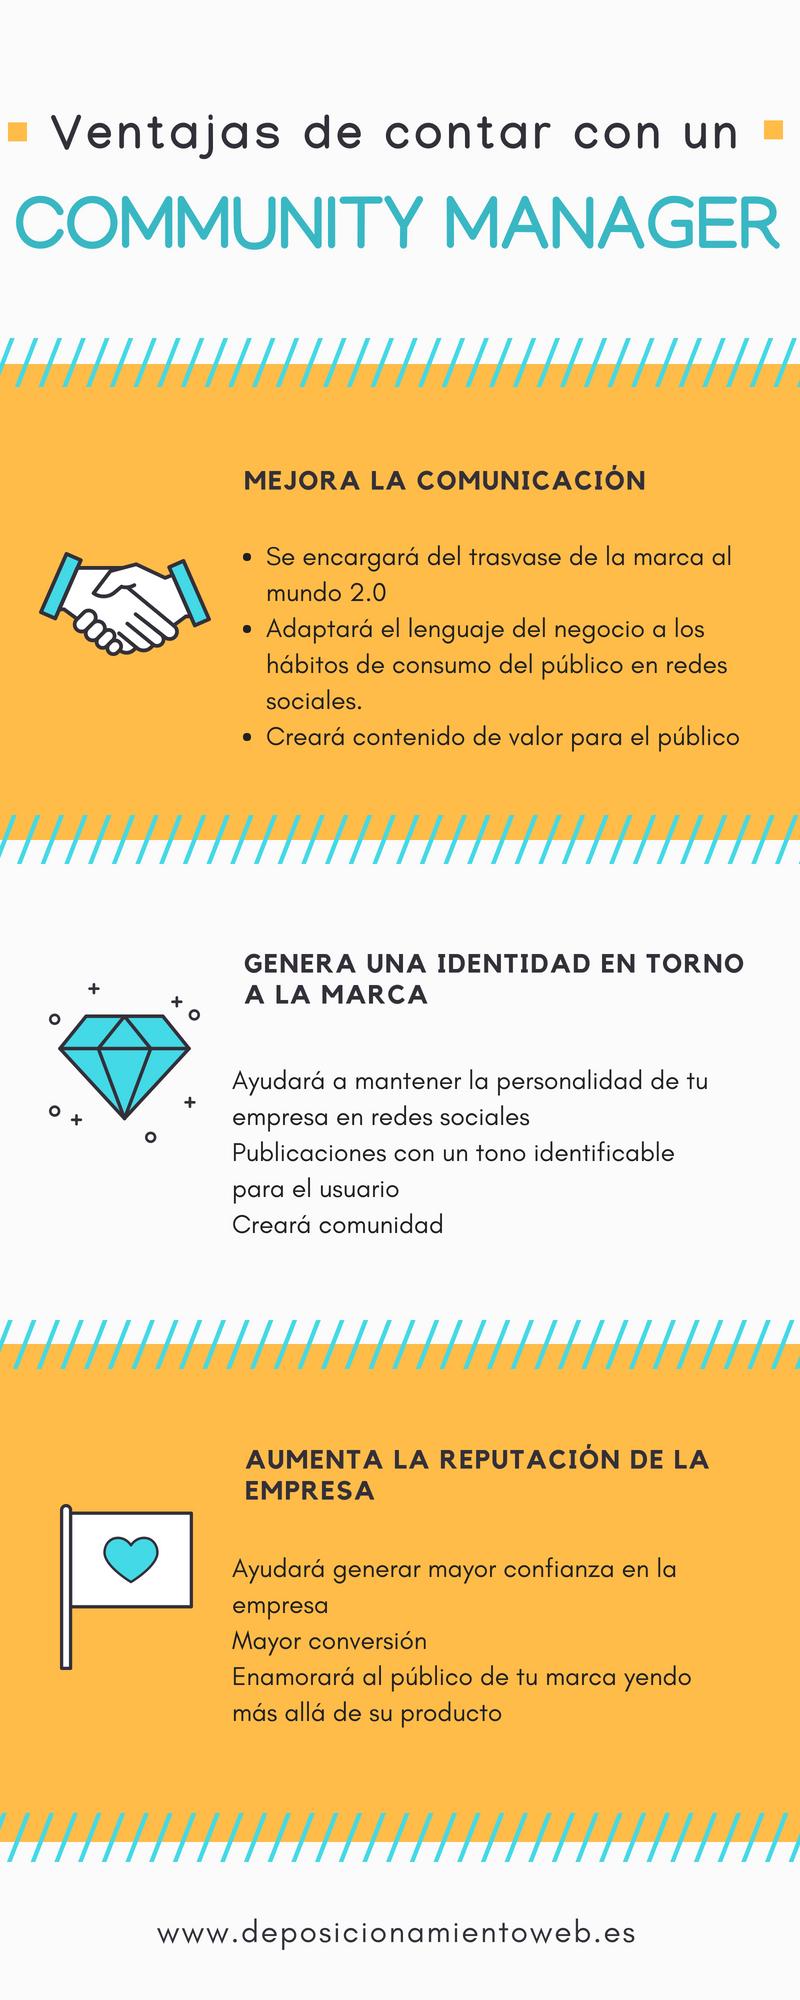 infografía sobre las ventajas de contar con un community manager en una empresa.